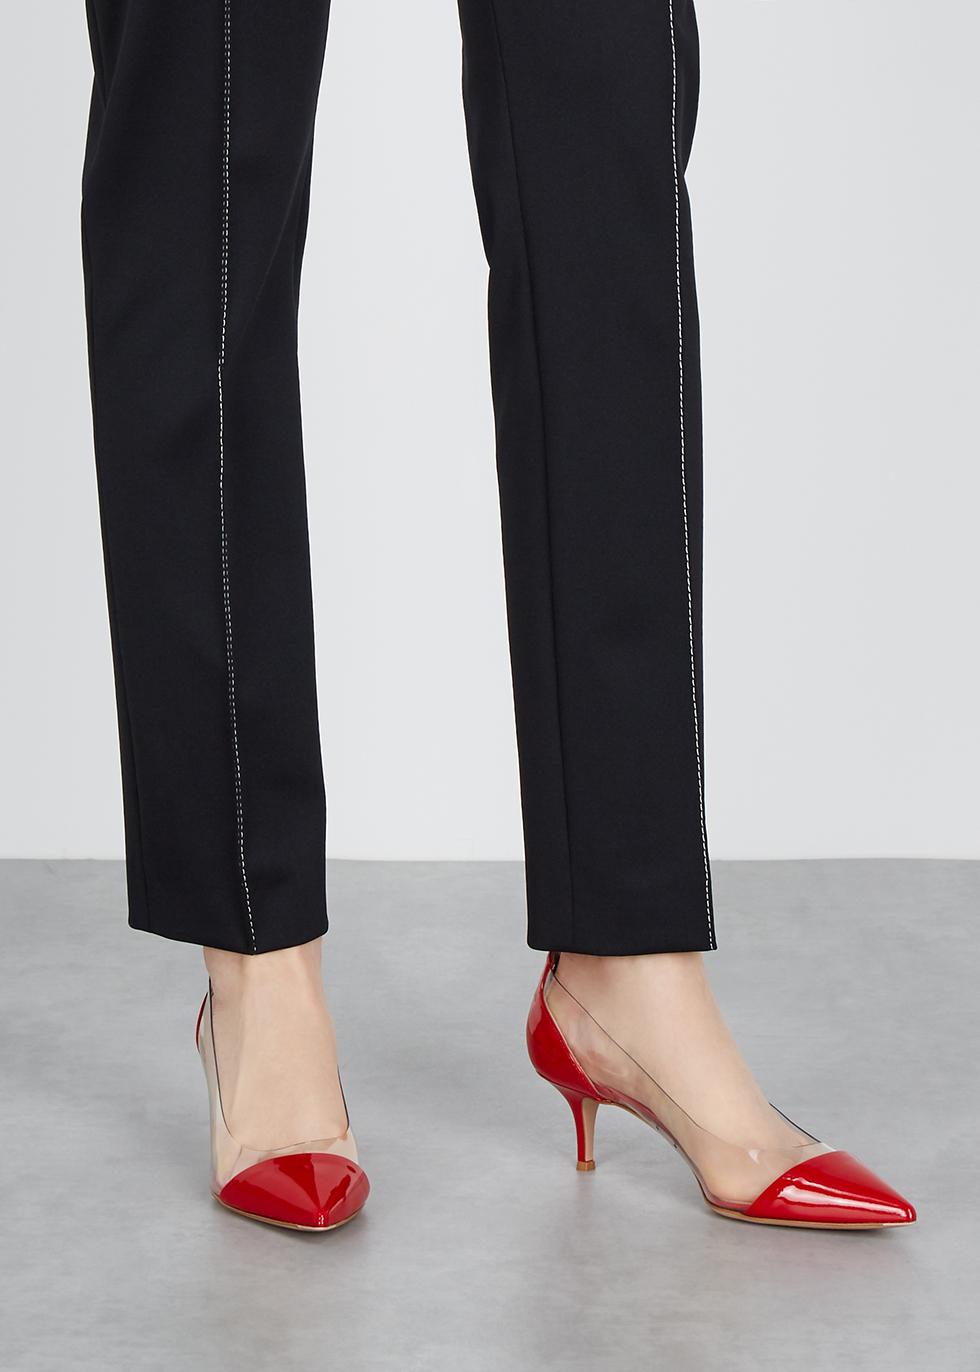 f936c1d52db Women s Designer Shoes - Ladies Shoes - Harvey Nichols